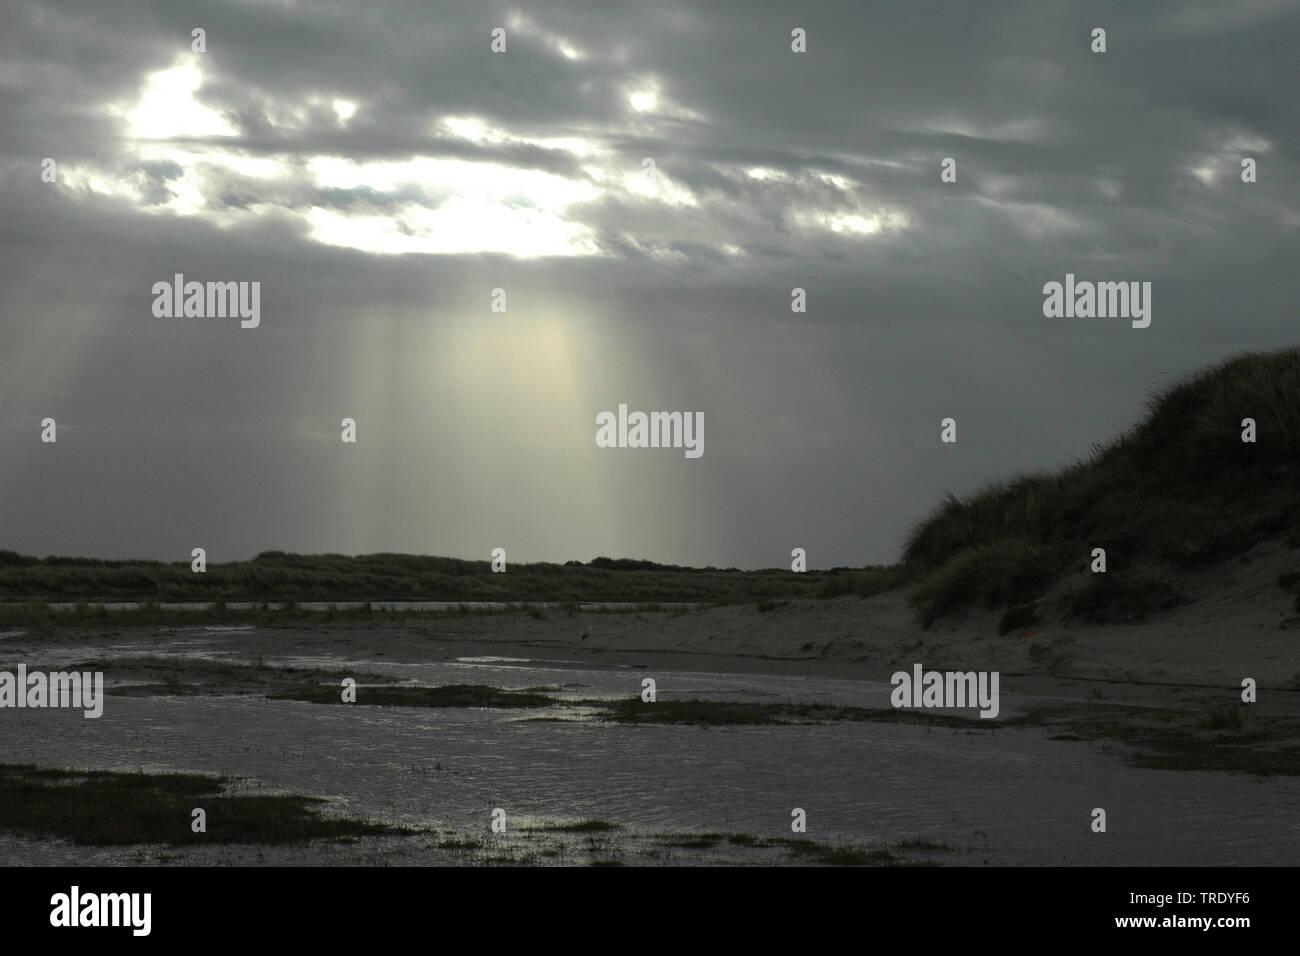 Sonnenstrahlen durchbrechen die Wolken, Niederlande, Niederlande, Schiermonnikoog | sunbeams breaking through the clouds, Netherlands, Netherlands, Sc - Stock Image